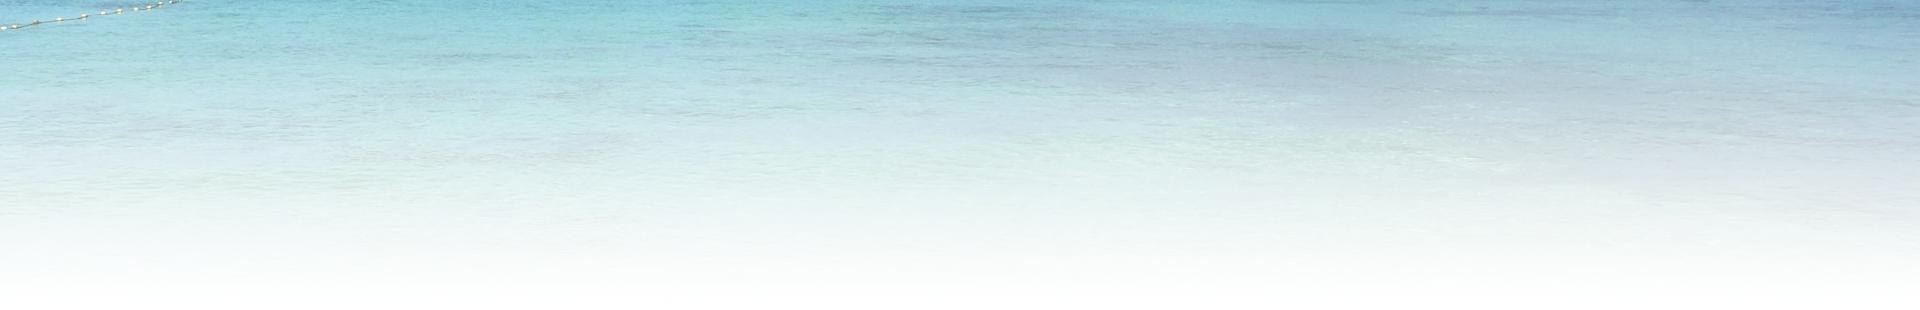 メインビジュアル2背景画像